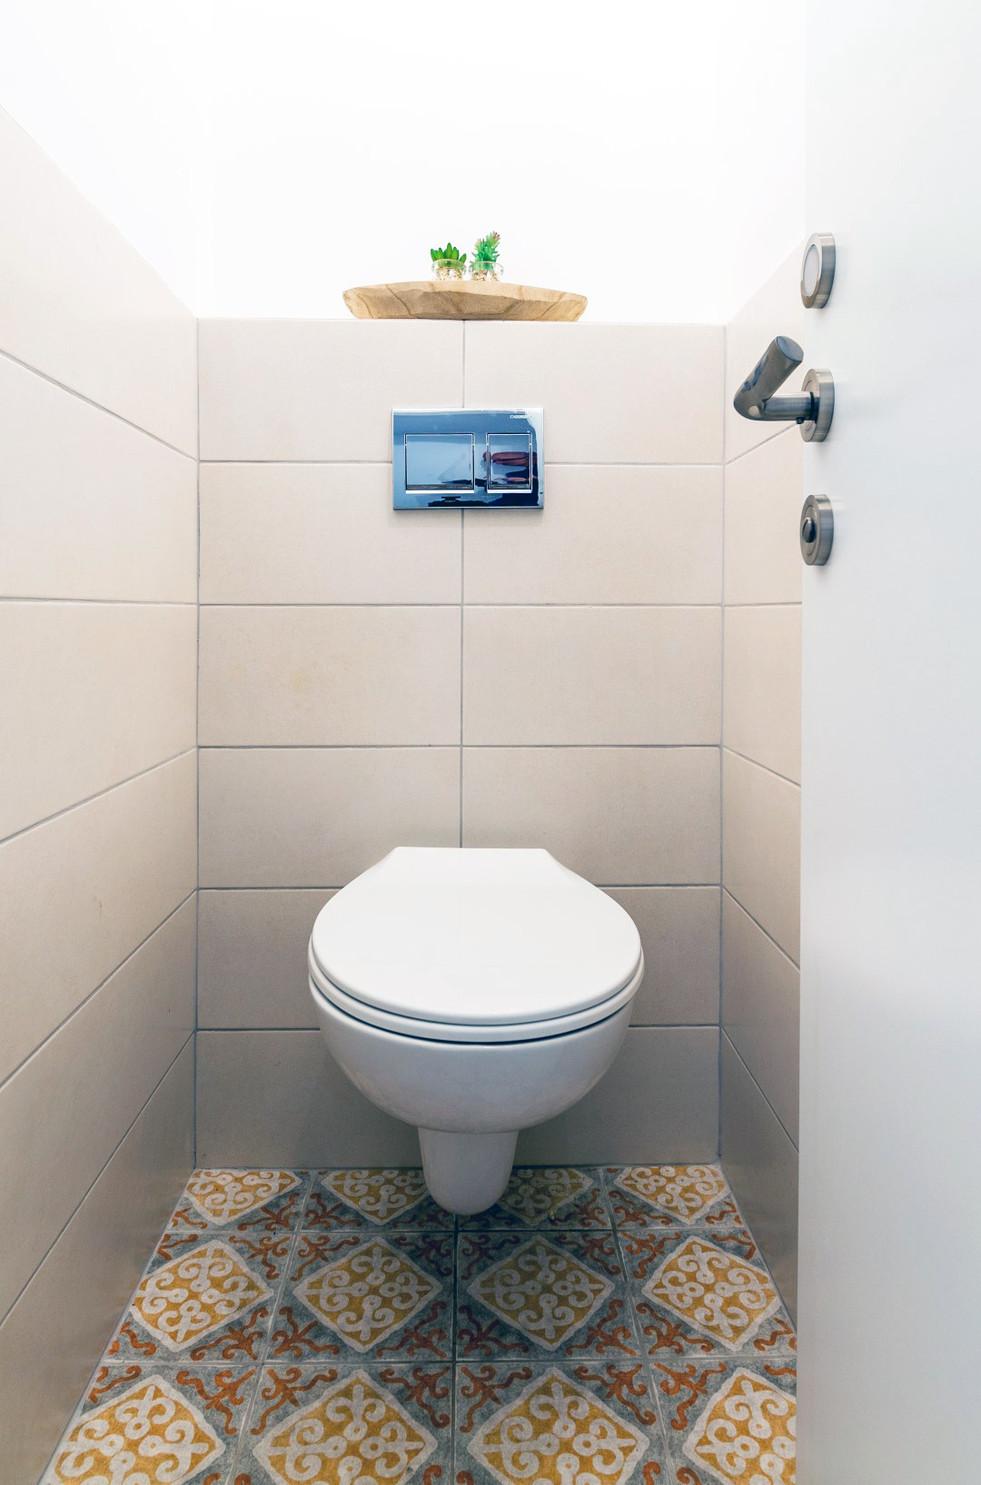 שירותי אורחים בעיצוב הדס פילובסקי-רון